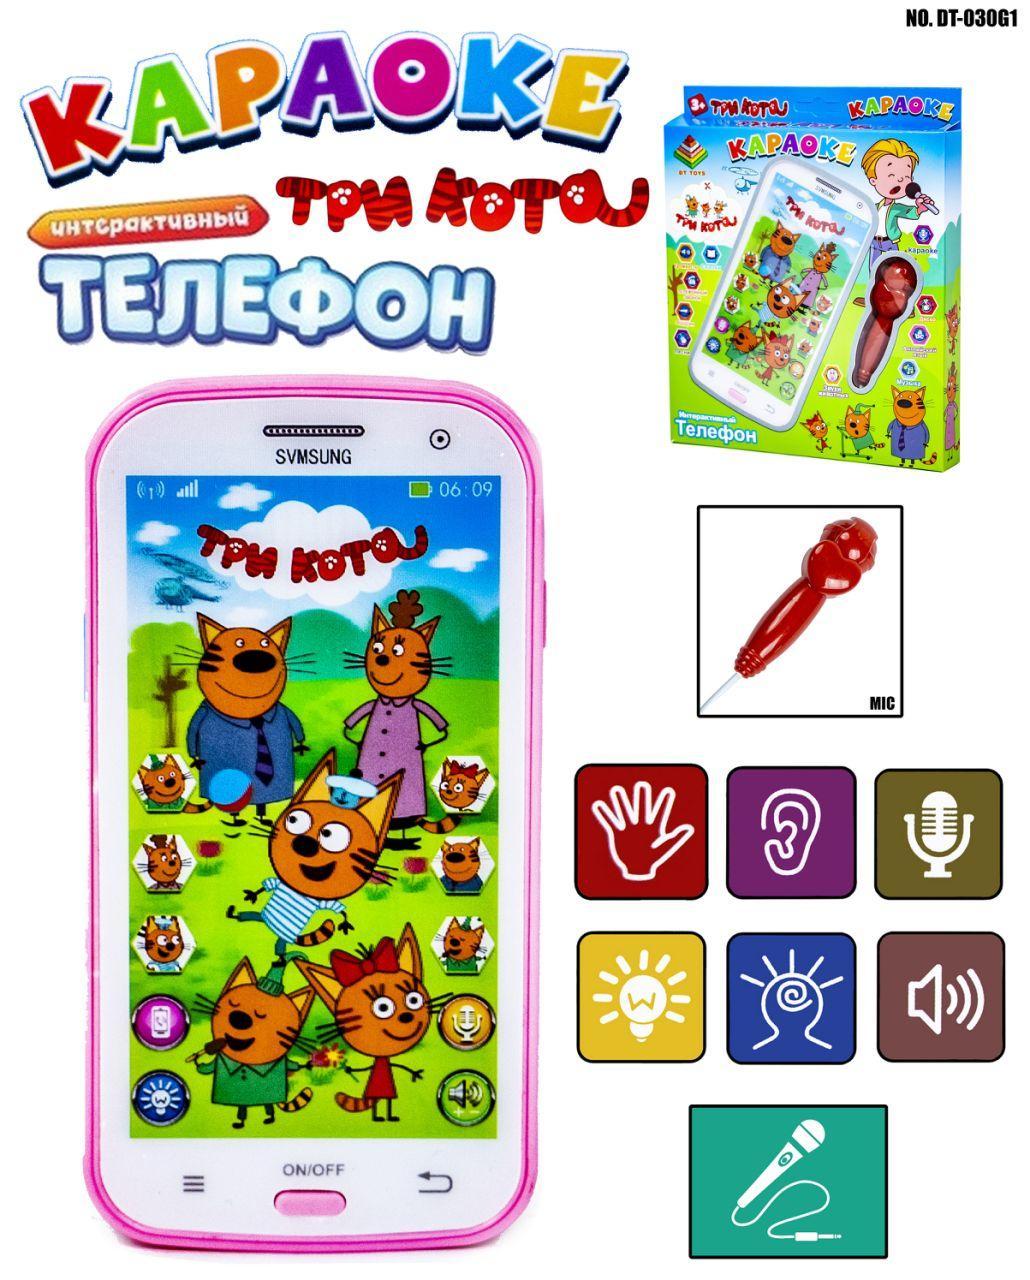 Игрушечный смартфон-караоке DT-030G1